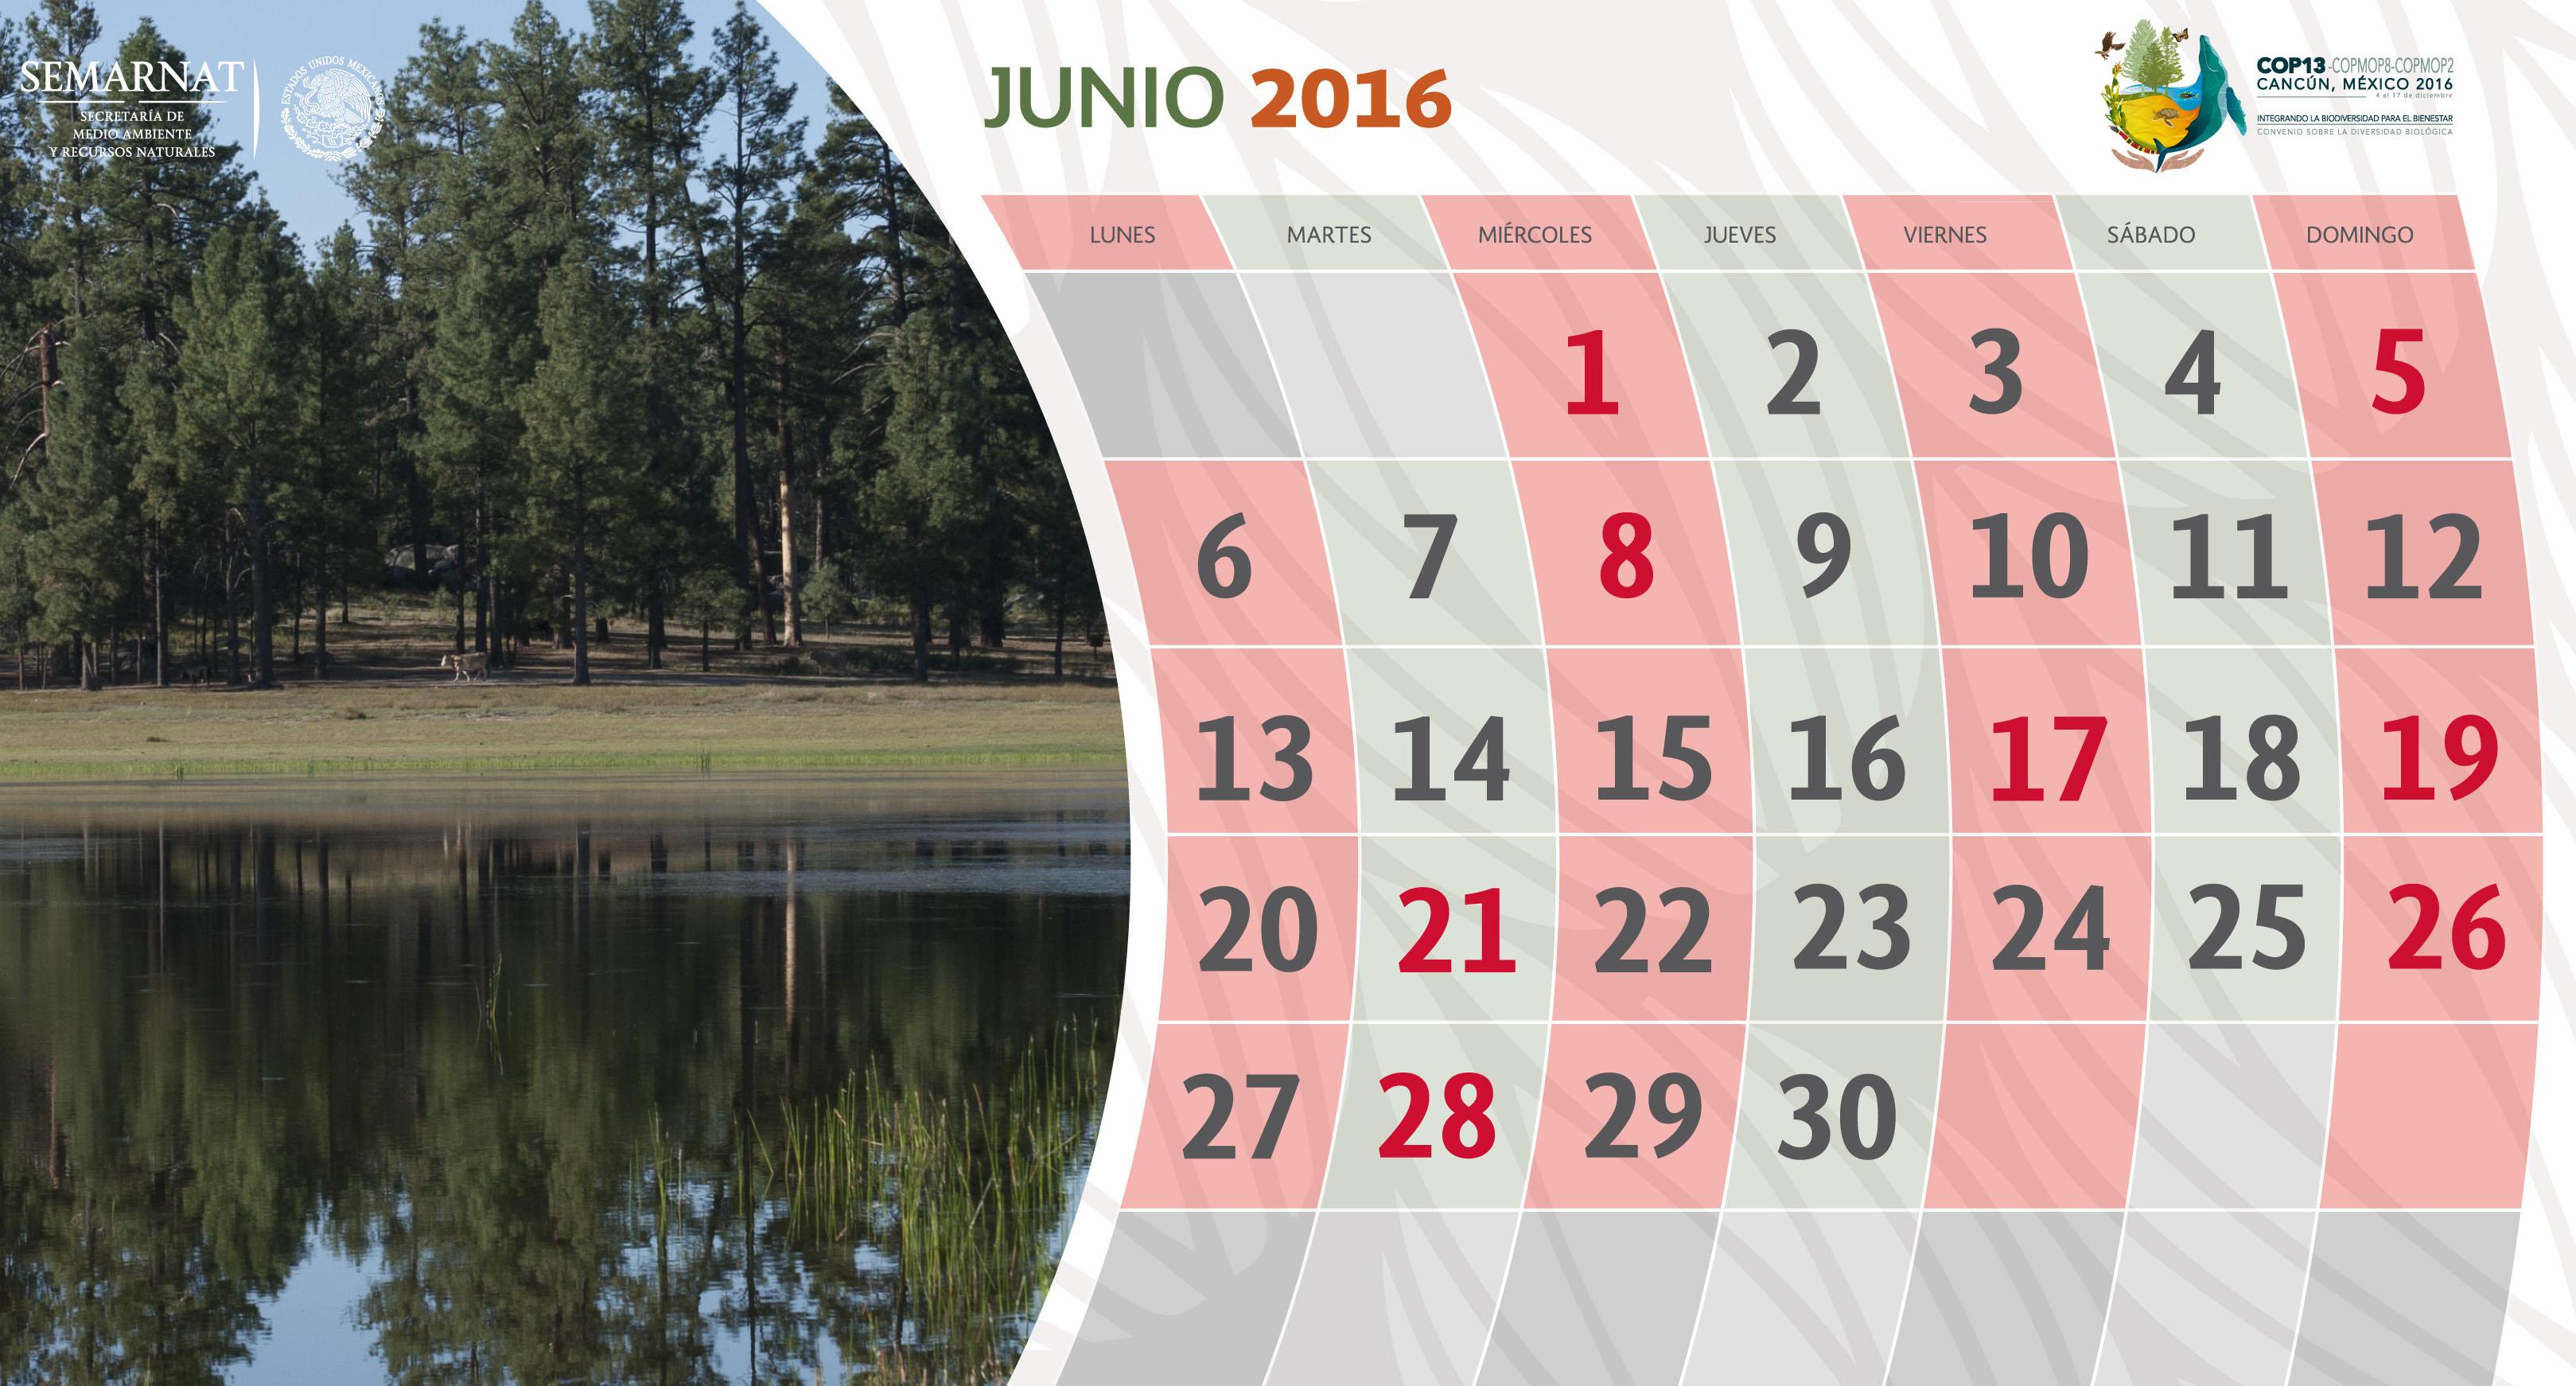 En junio consulta los decretos y efemérides del medio ambiente